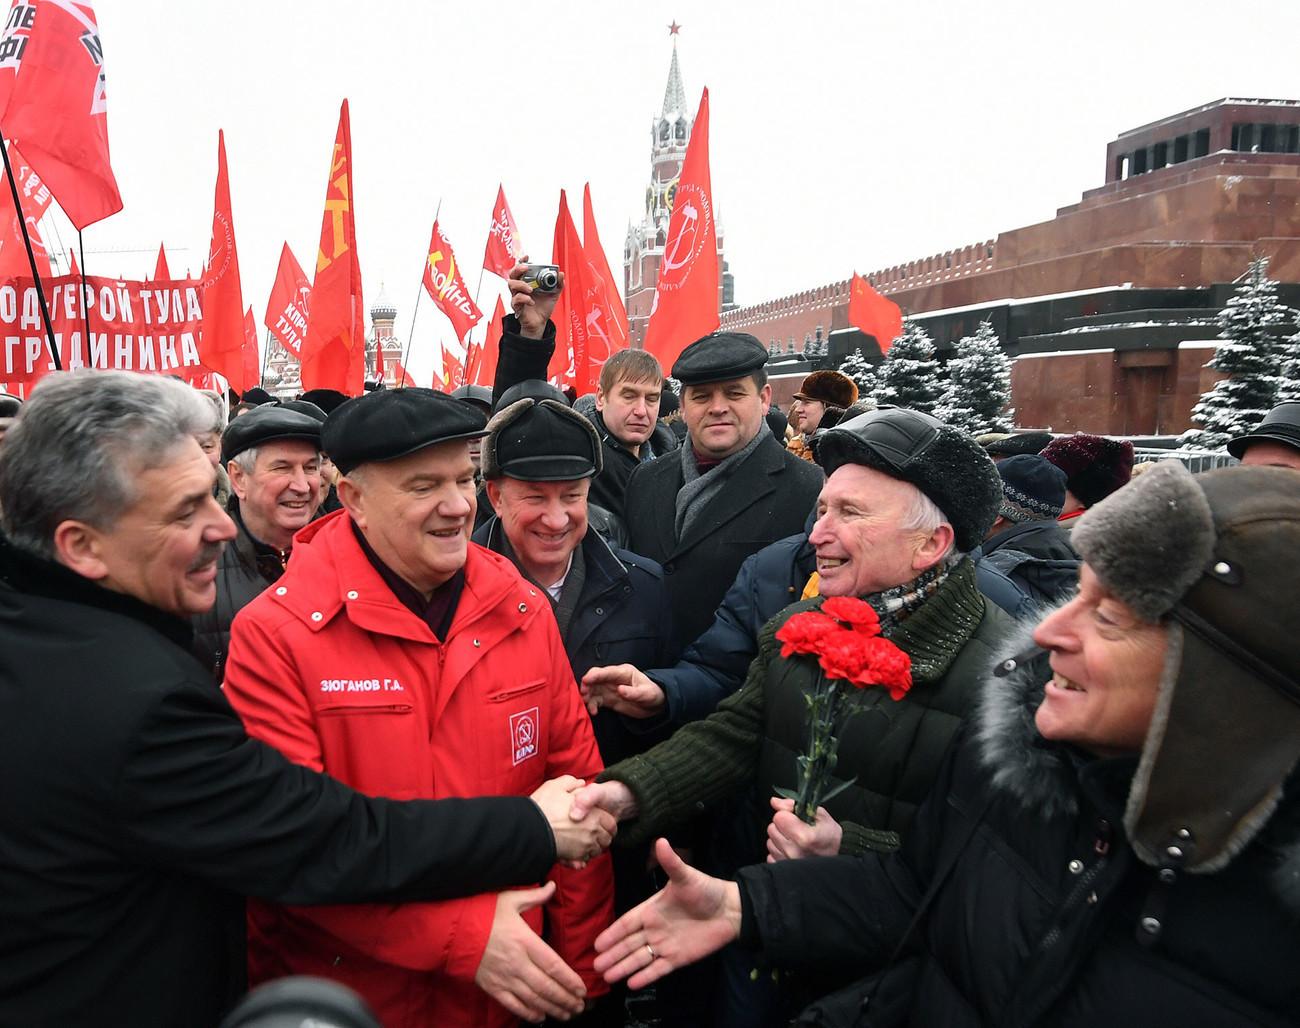 Фото: © РИА Новости/Михаил Воскресенский